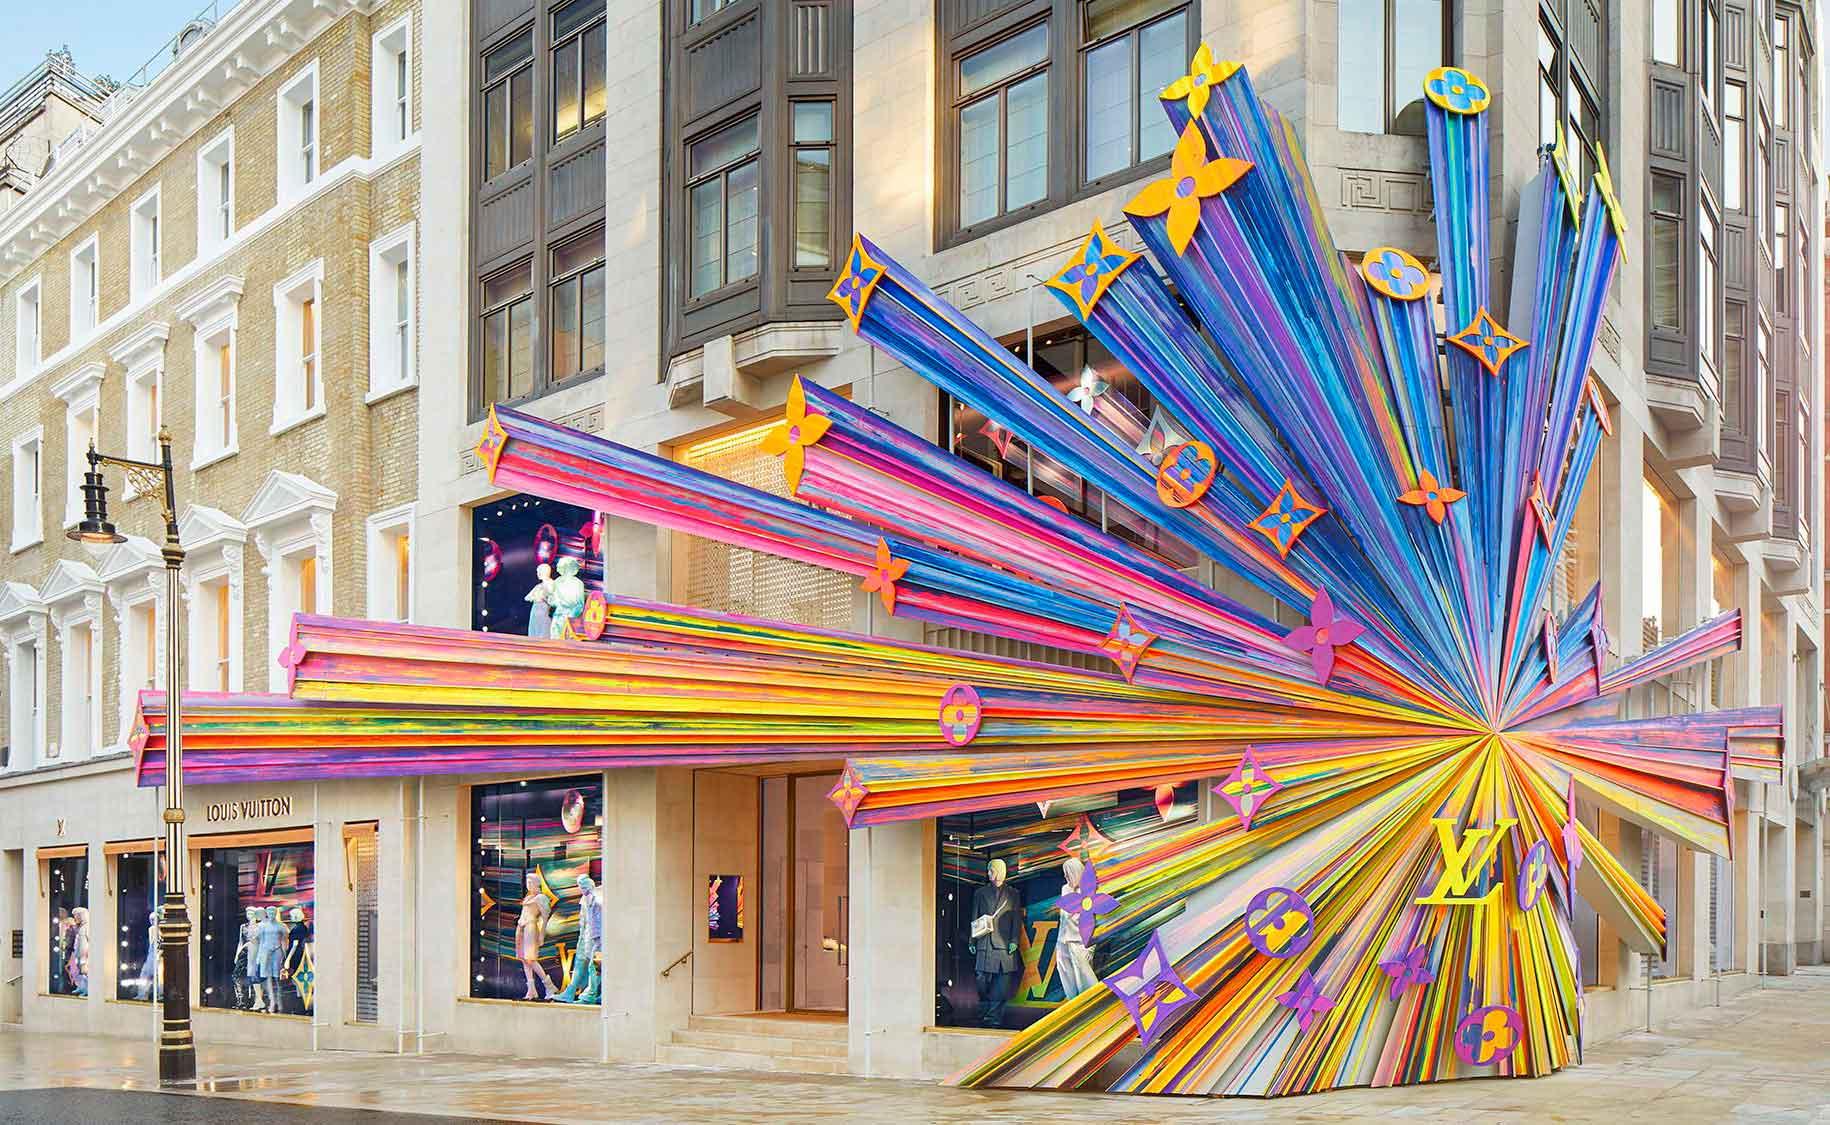 Fachada Louis Vuitton Bond Street Londres decoración de fachadas